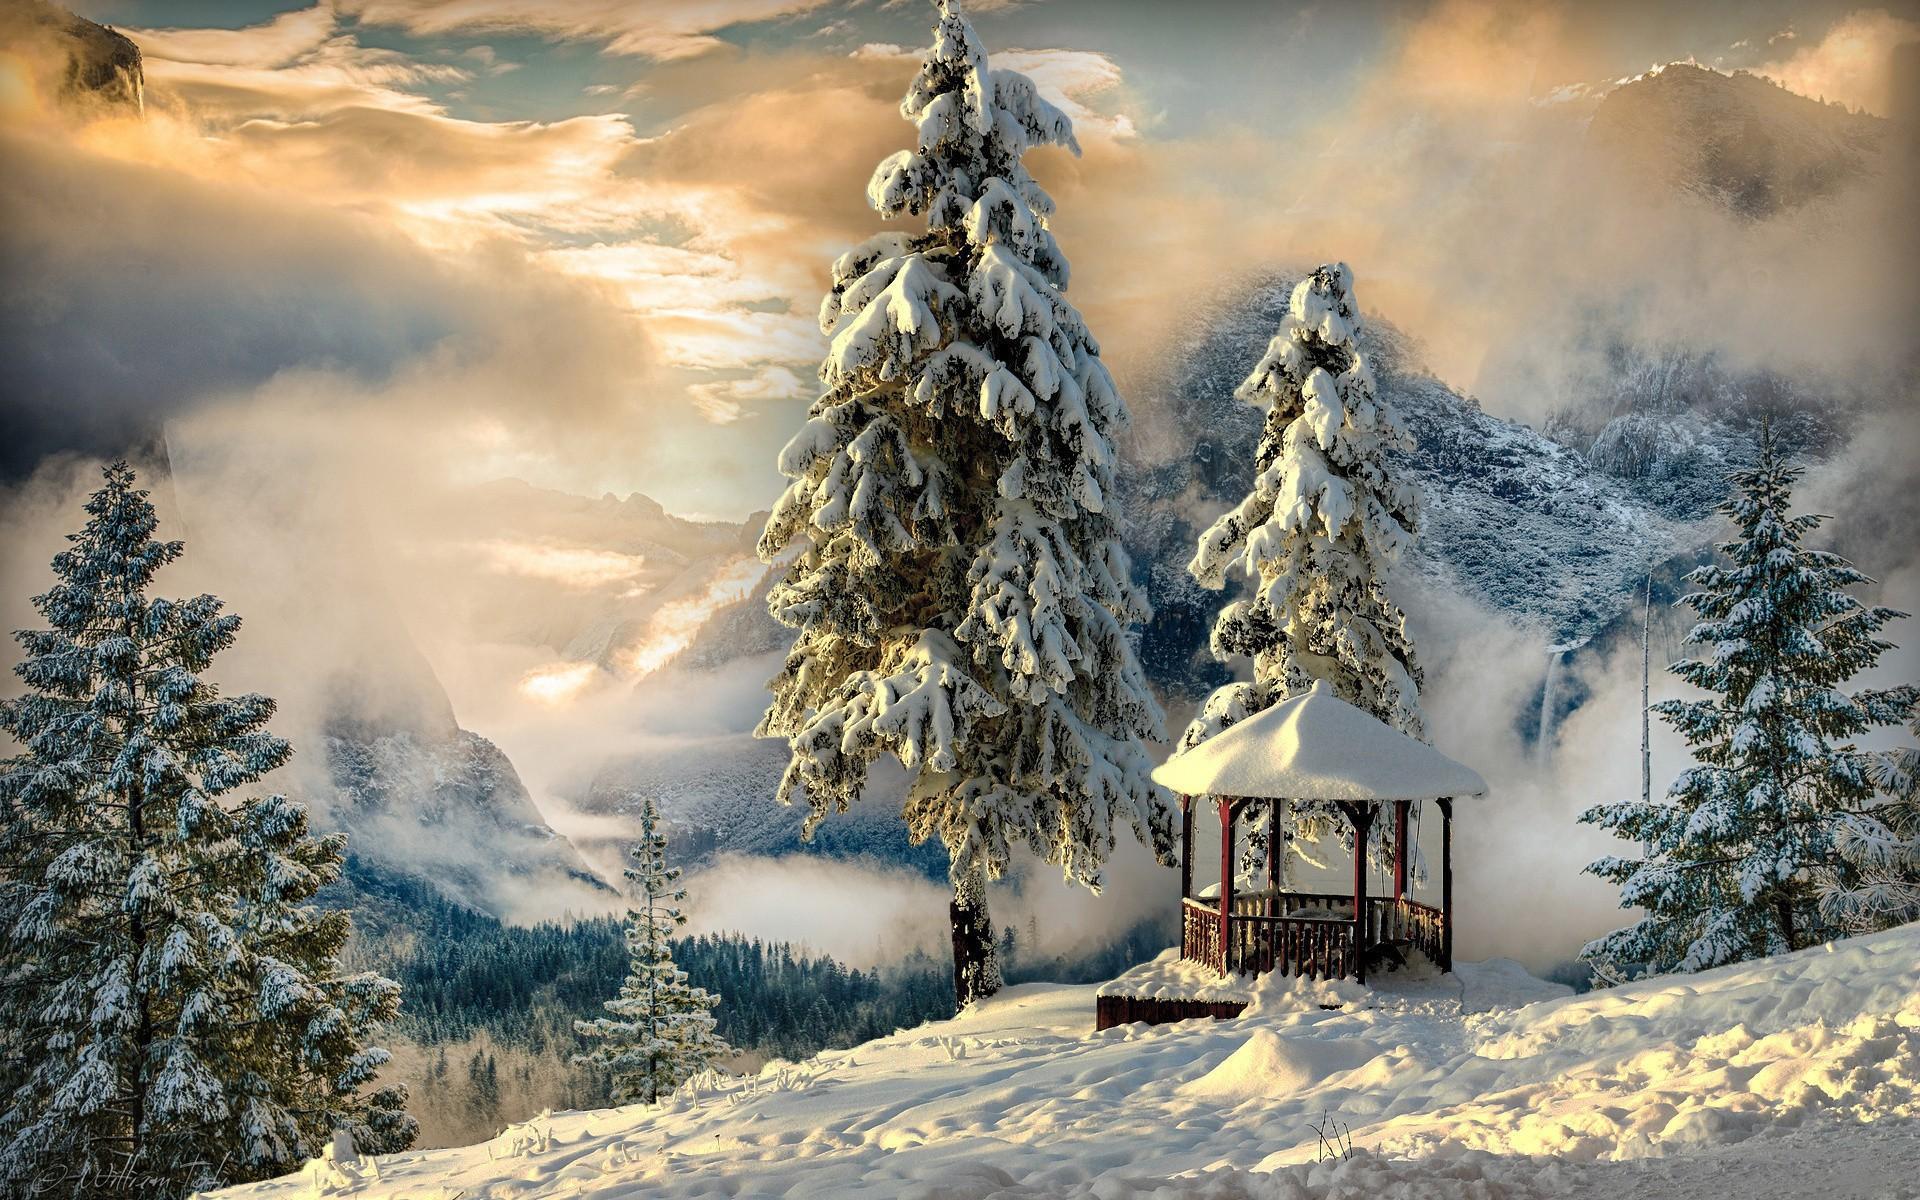 фотообои на комп зима в горах розовый маникюр